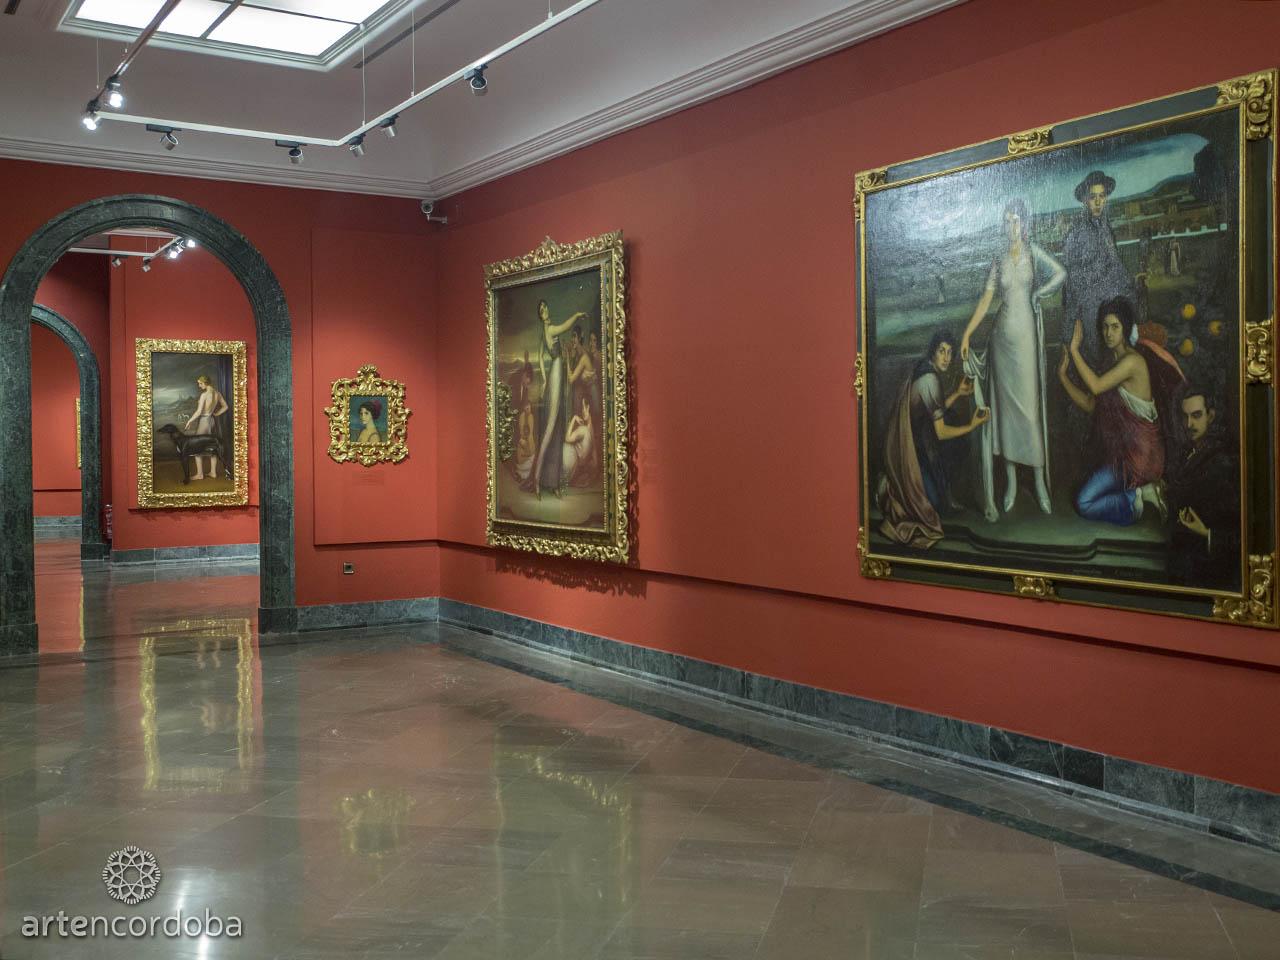 Detalle de la Sala 'El origen de lo hondo' en el Museo Julio Romero de Torres